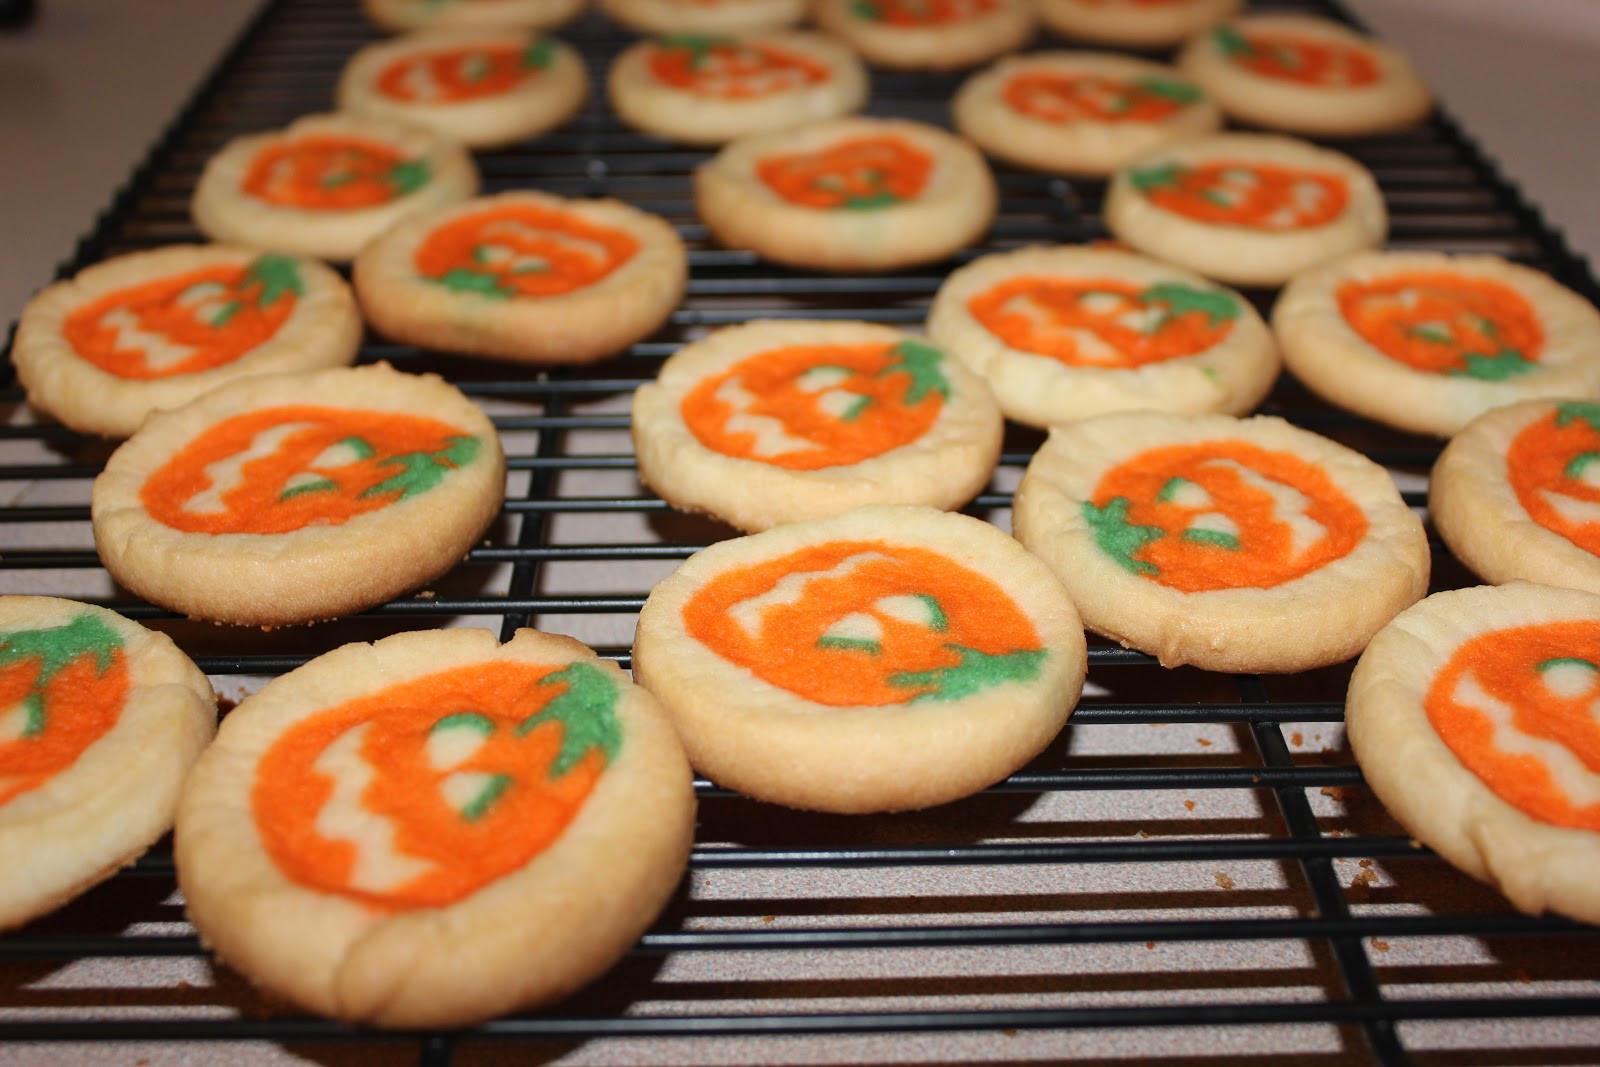 Pillsbury Halloween Sugar Cookies  The Best Ideas for Halloween Sugar Cookies Pillsbury